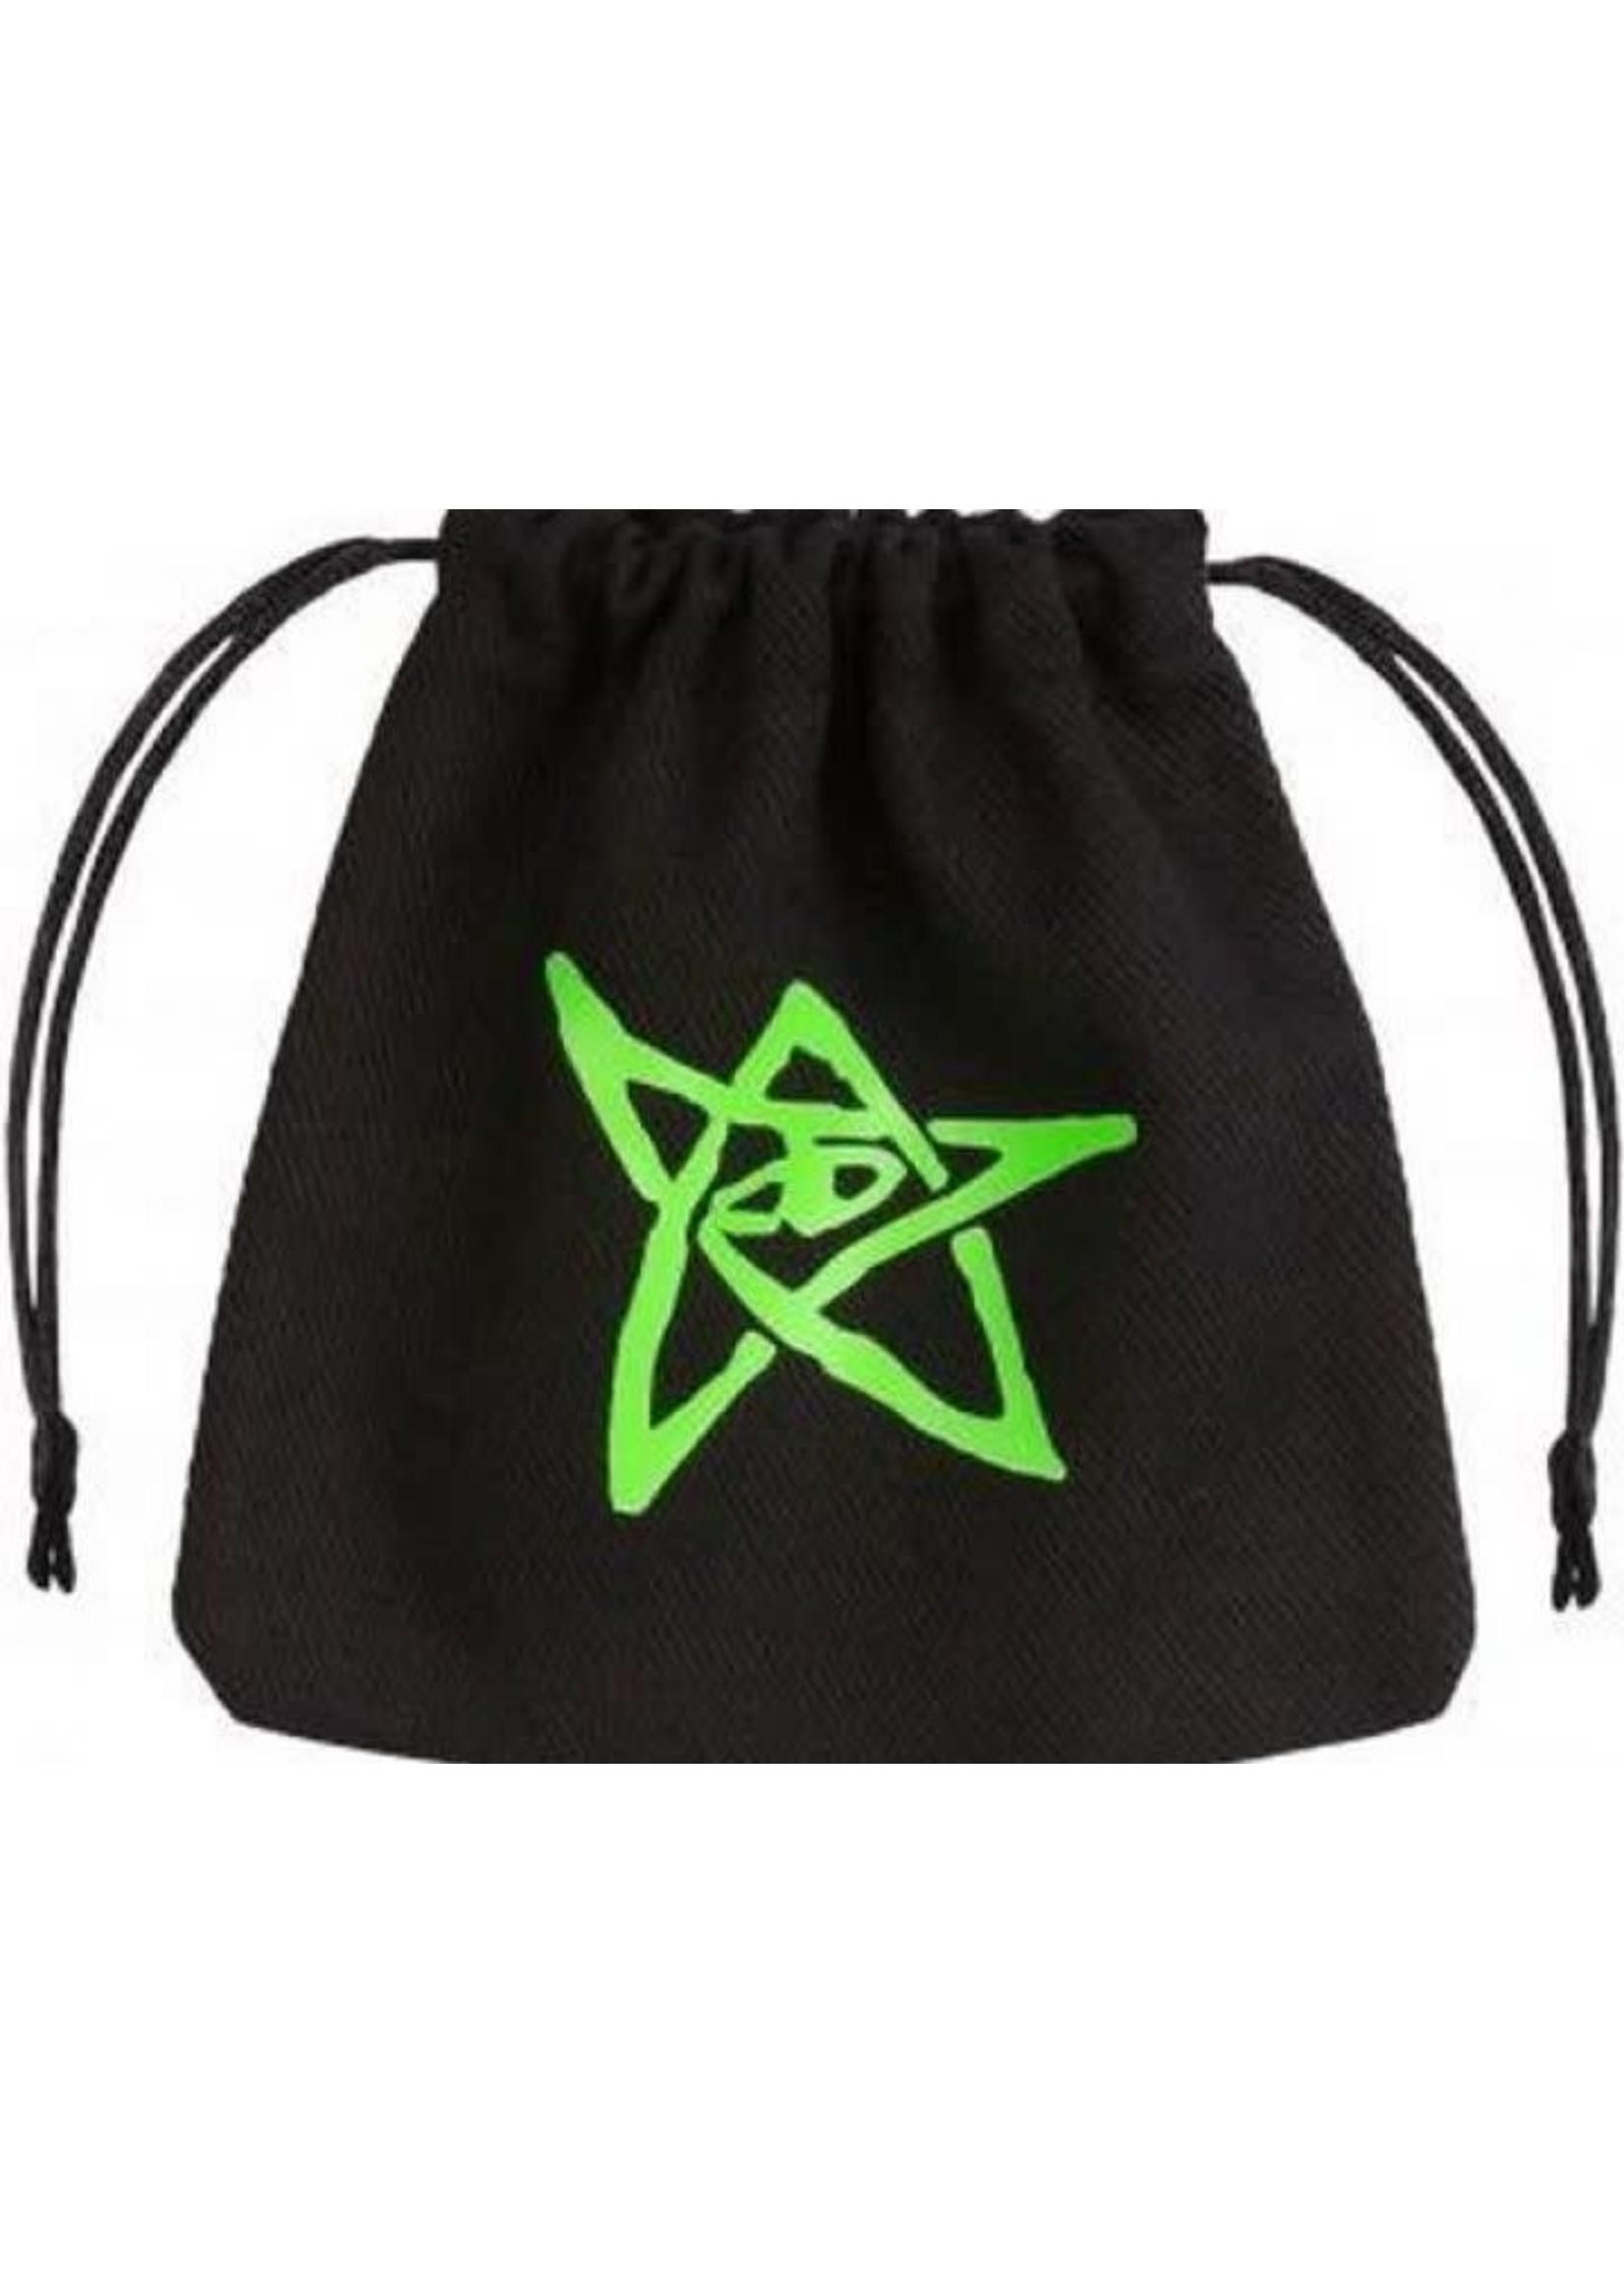 Dice Bag Ctulhu Black